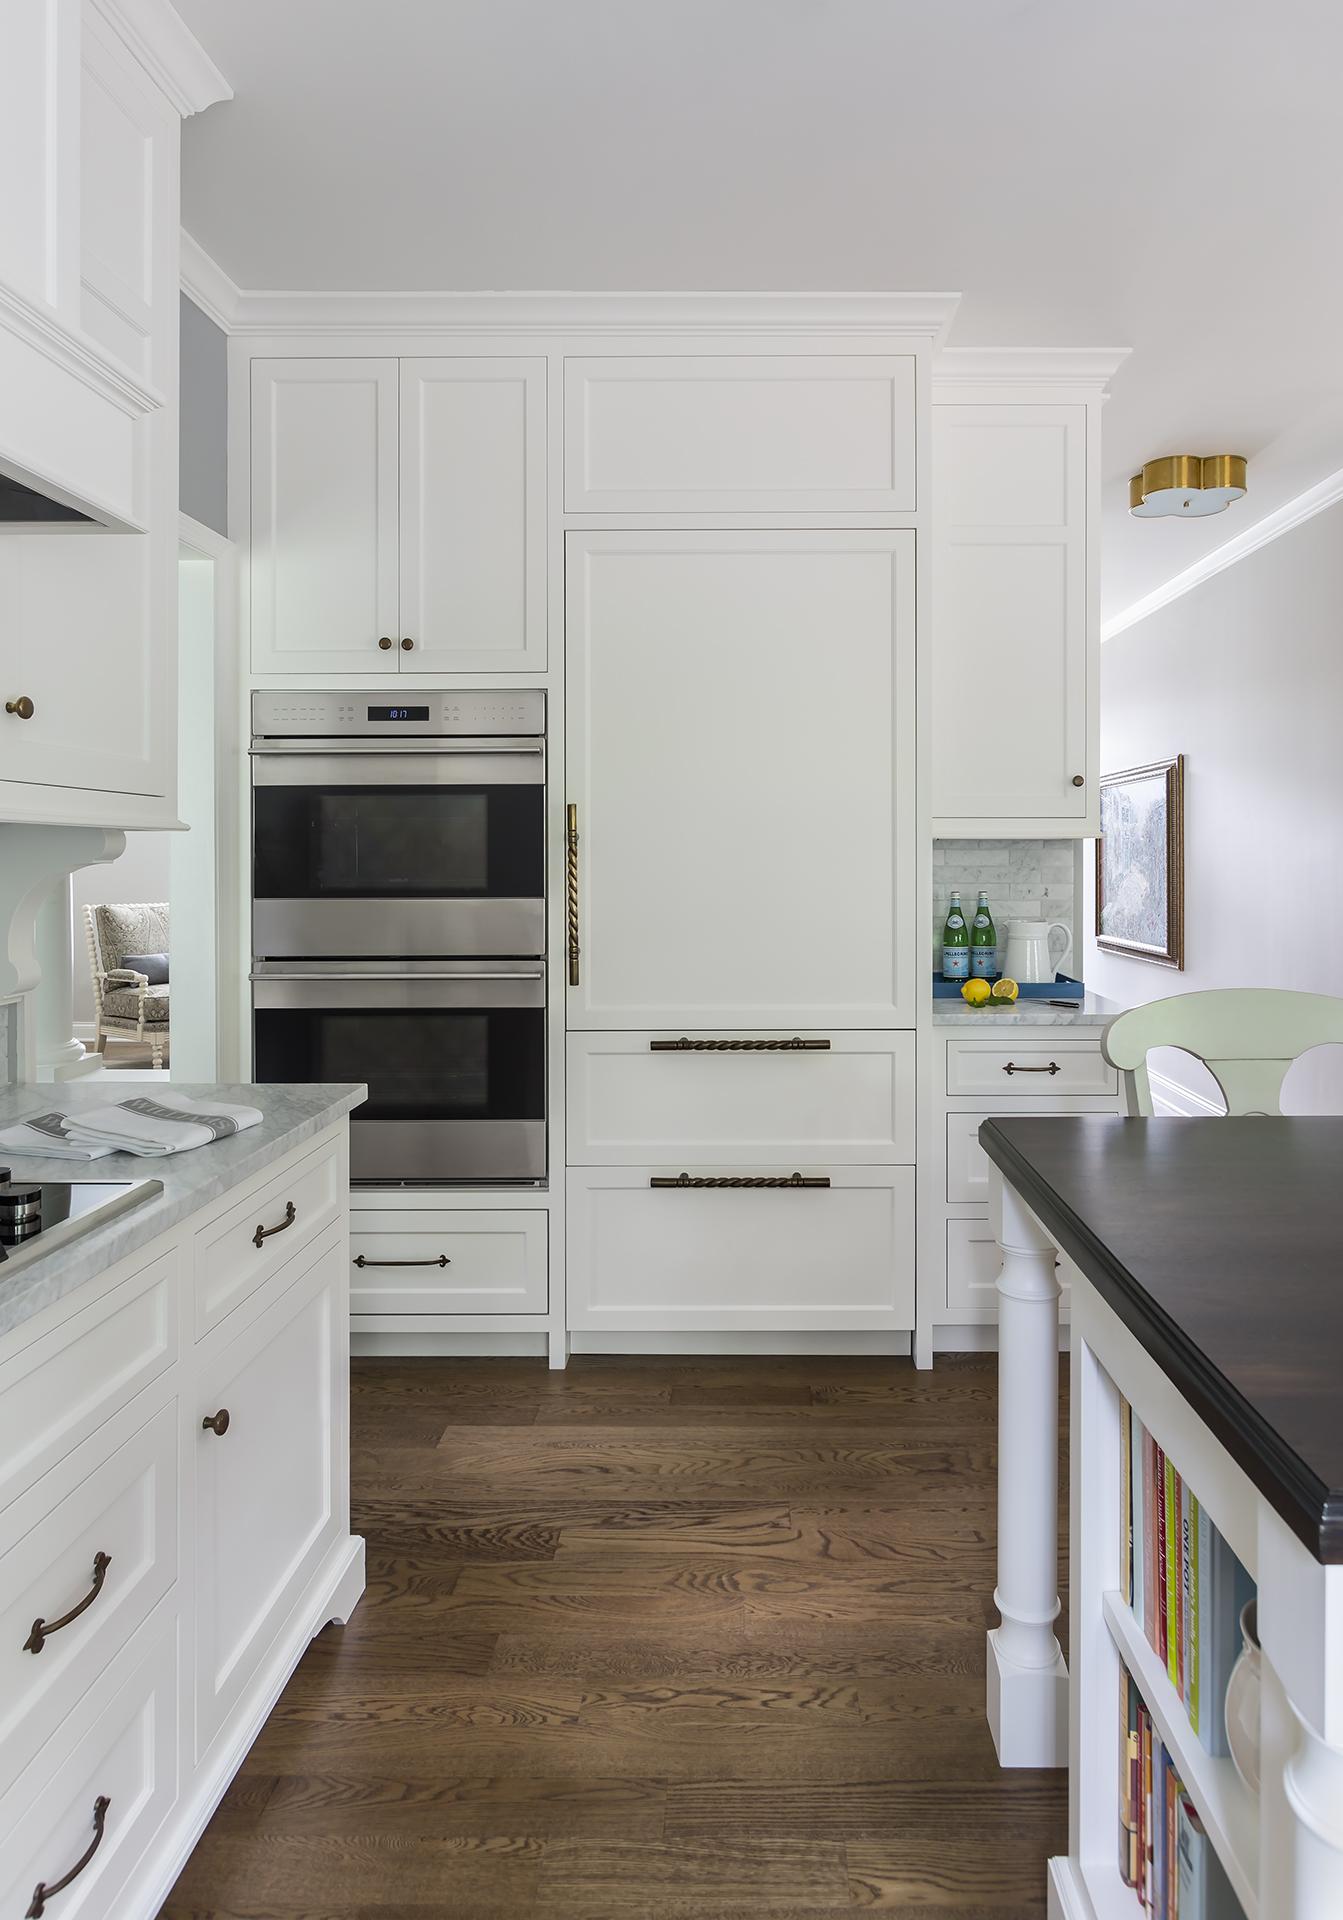 Kitchen_Refrigerator_2015_05_19.jpg